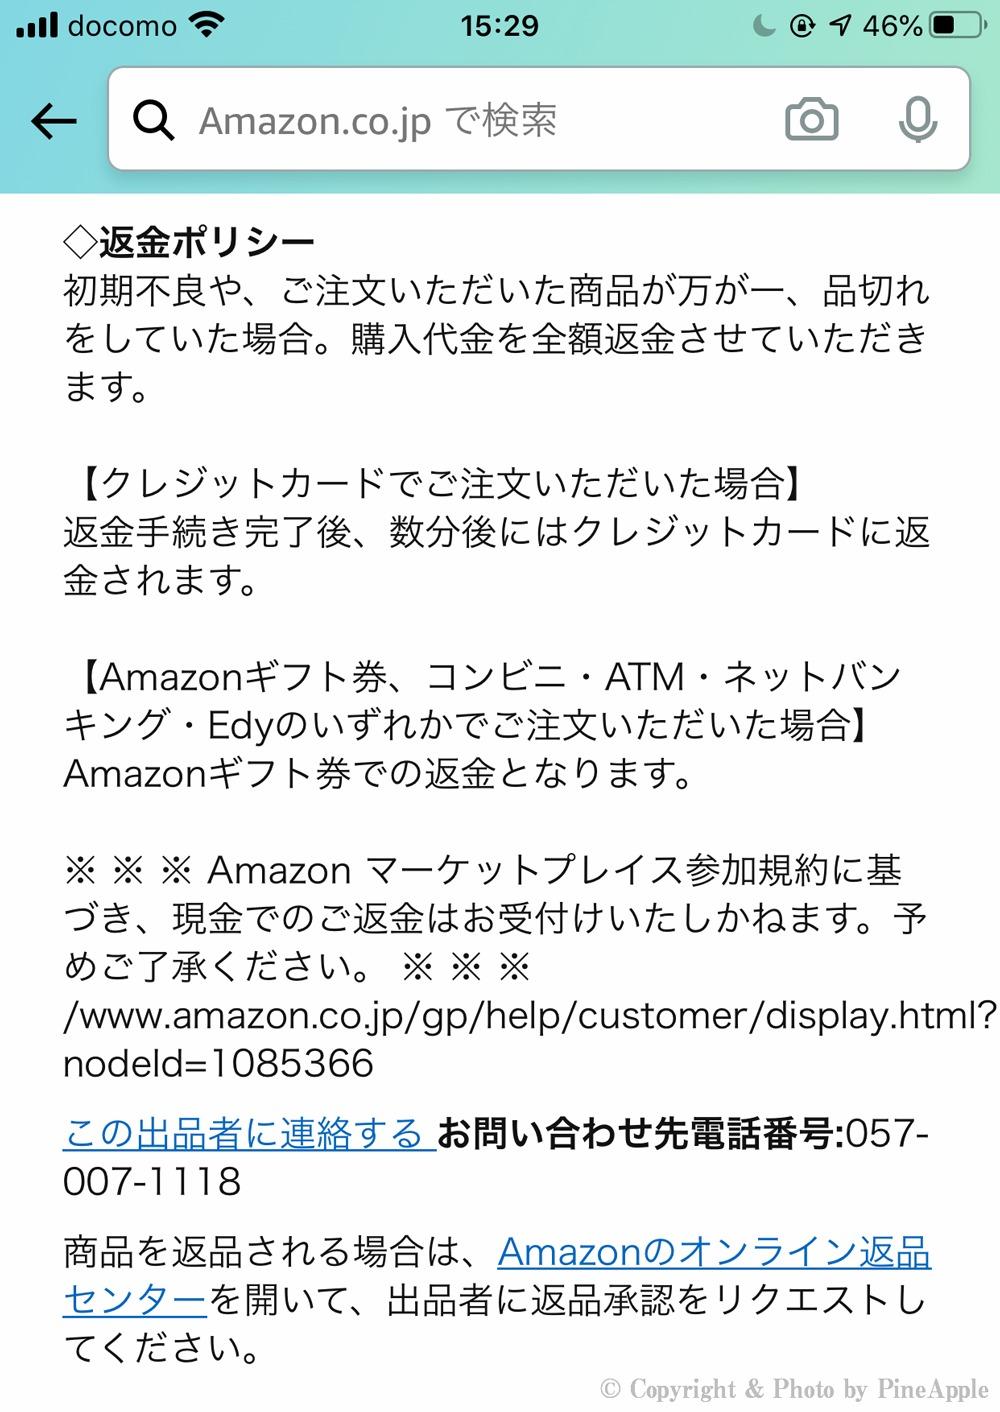 Amazon ショッピングアプリ:e ☆ イヤホン【イヤホン・ヘッドホン専門店】返品、保証、払い戻し